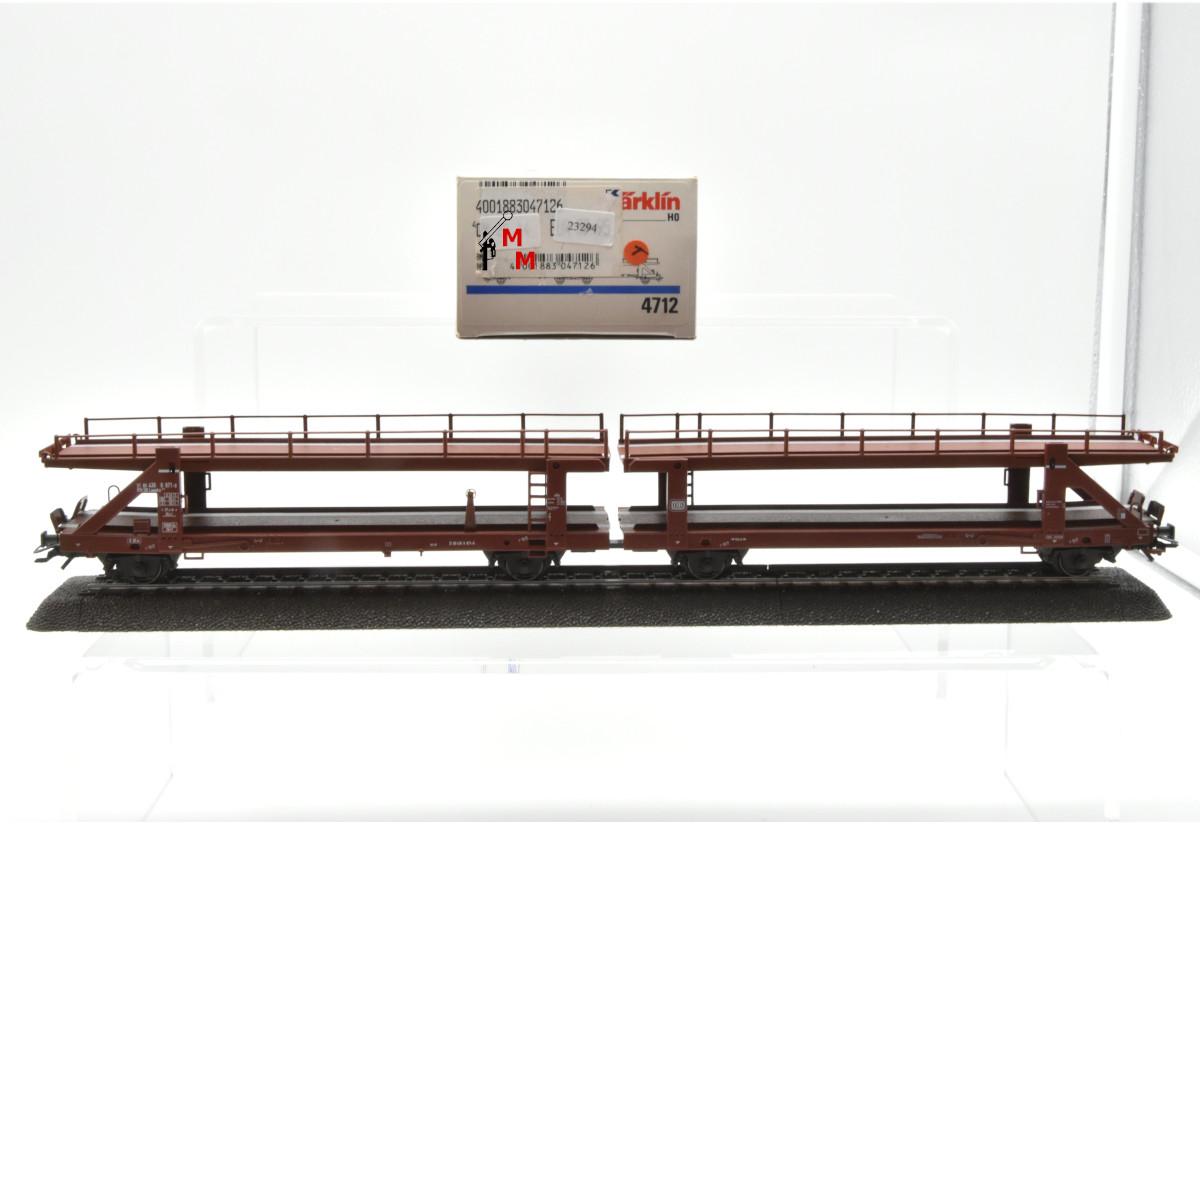 Märklin 4712 Doppel-Autotransportwagen unbeladen, (23294)